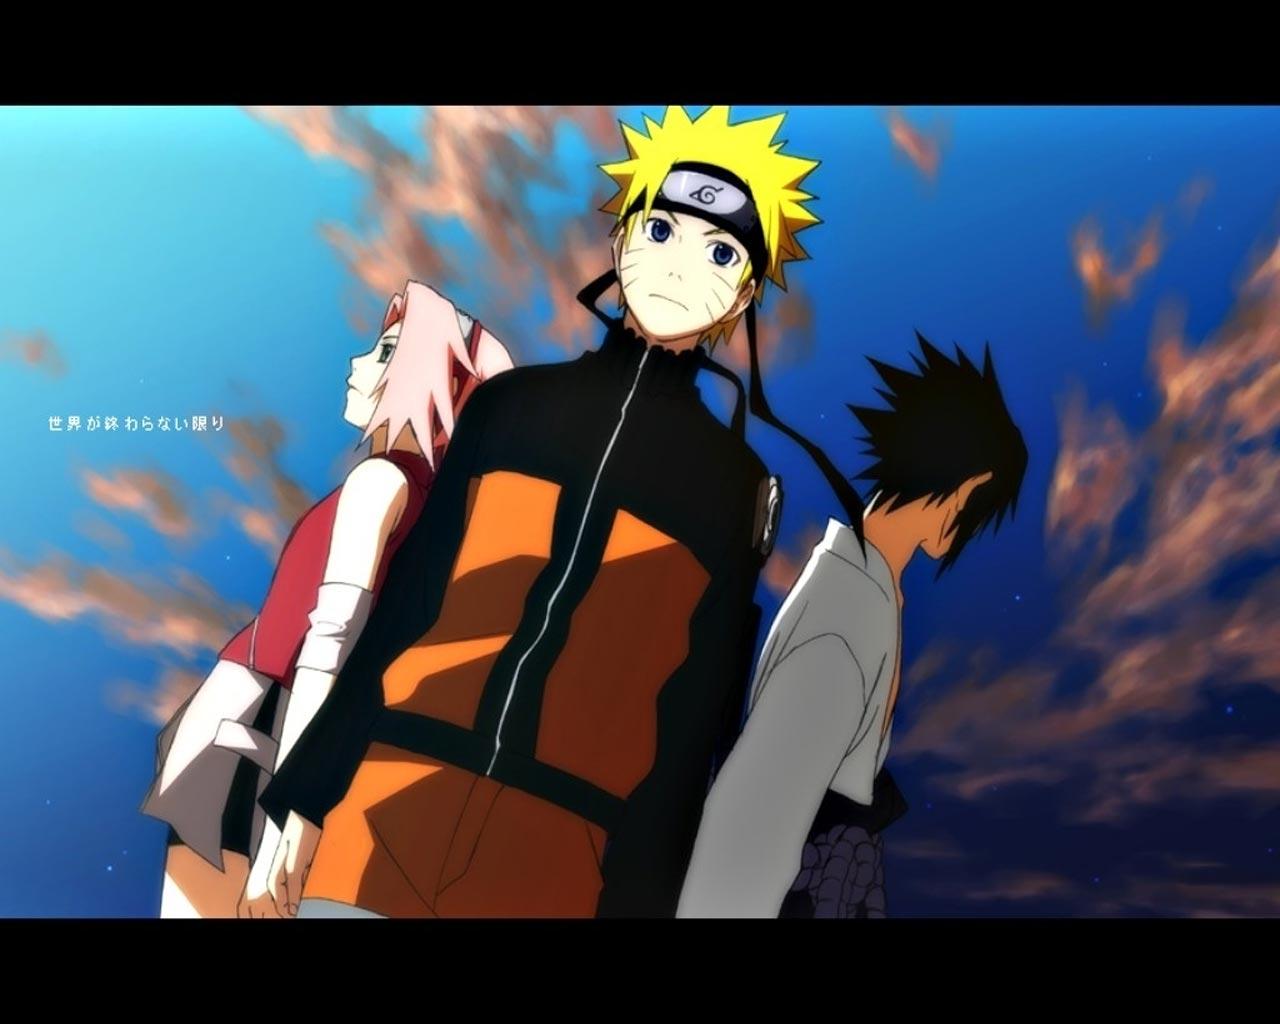 naruto shippuden team 7 naruto vs sasuke naruto shippuden naruto